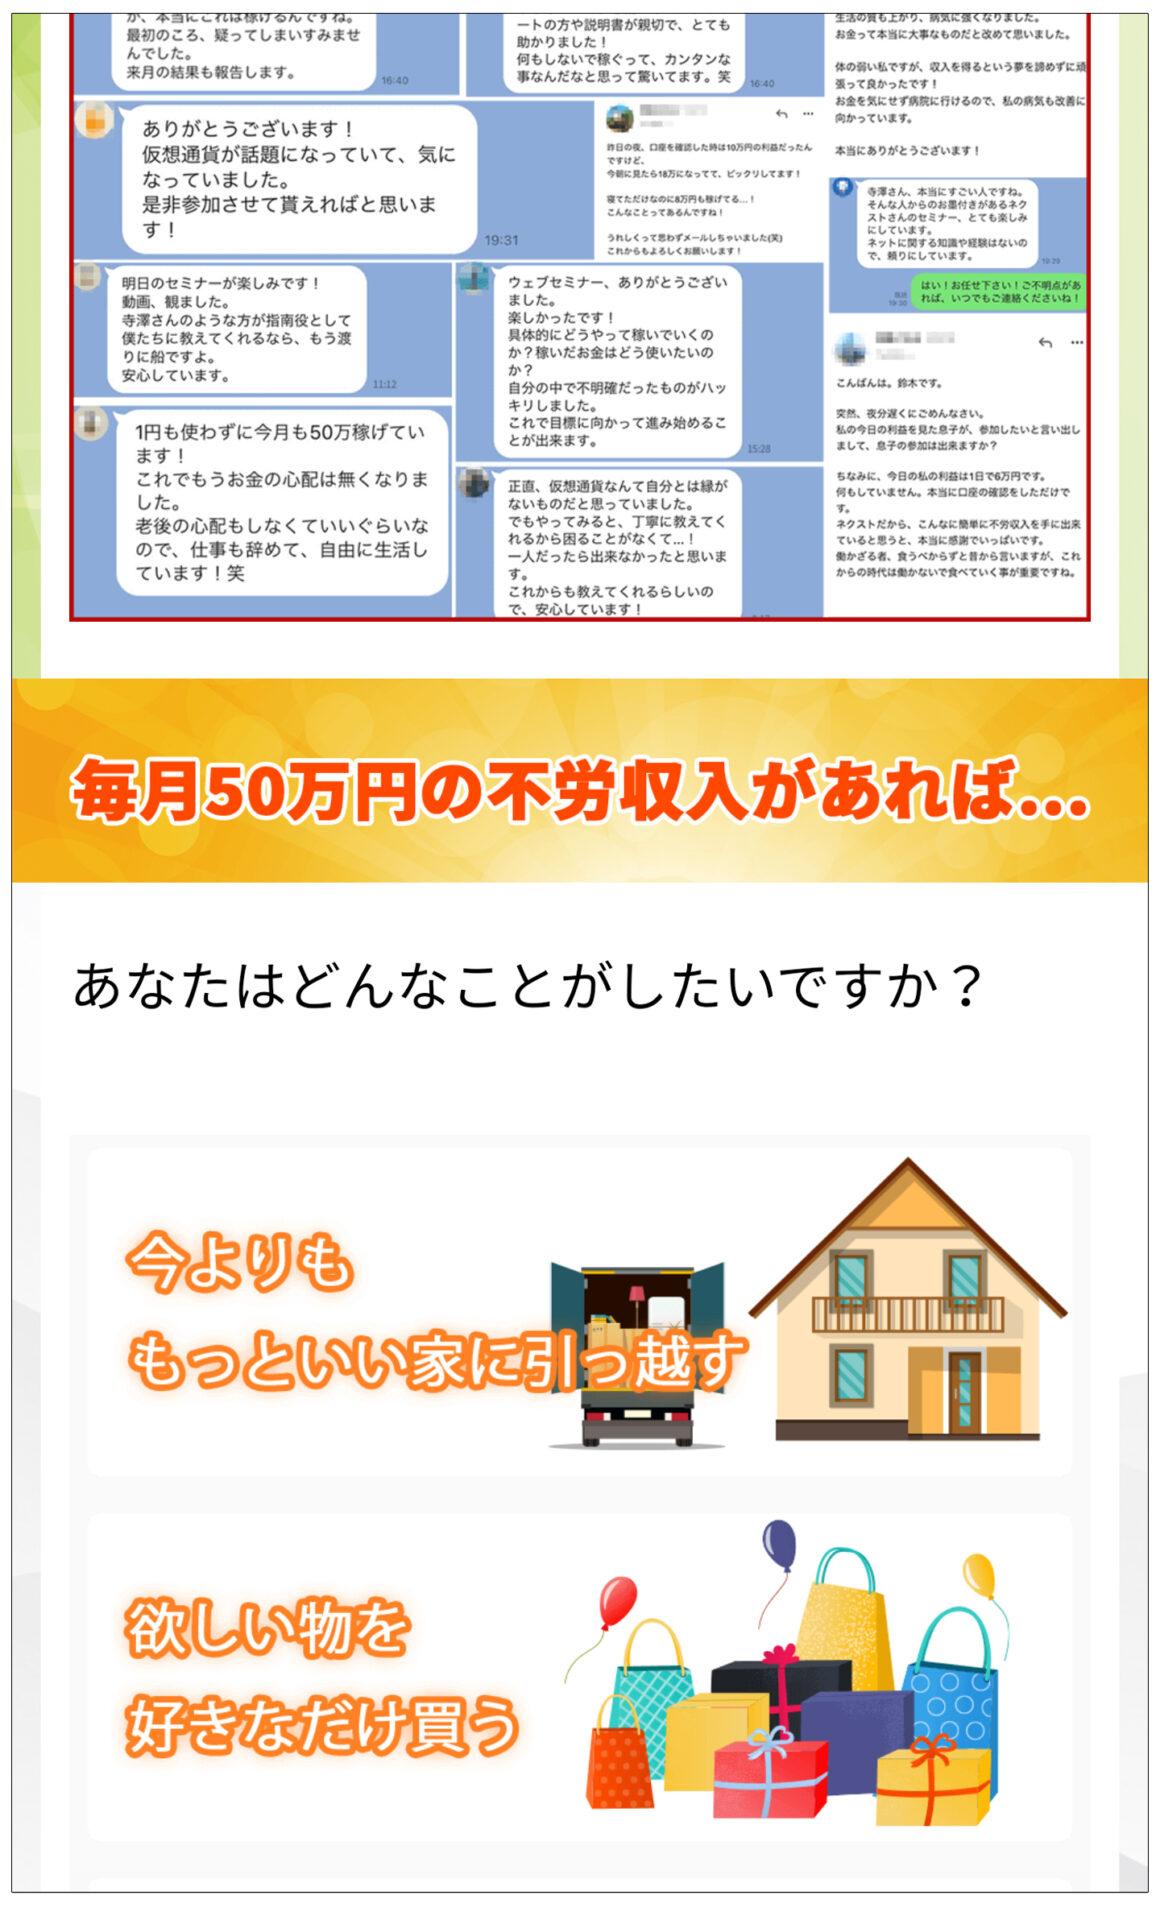 【オンライン収入NEXT】怪しい副業詐欺か|毎月50万円は不可能?